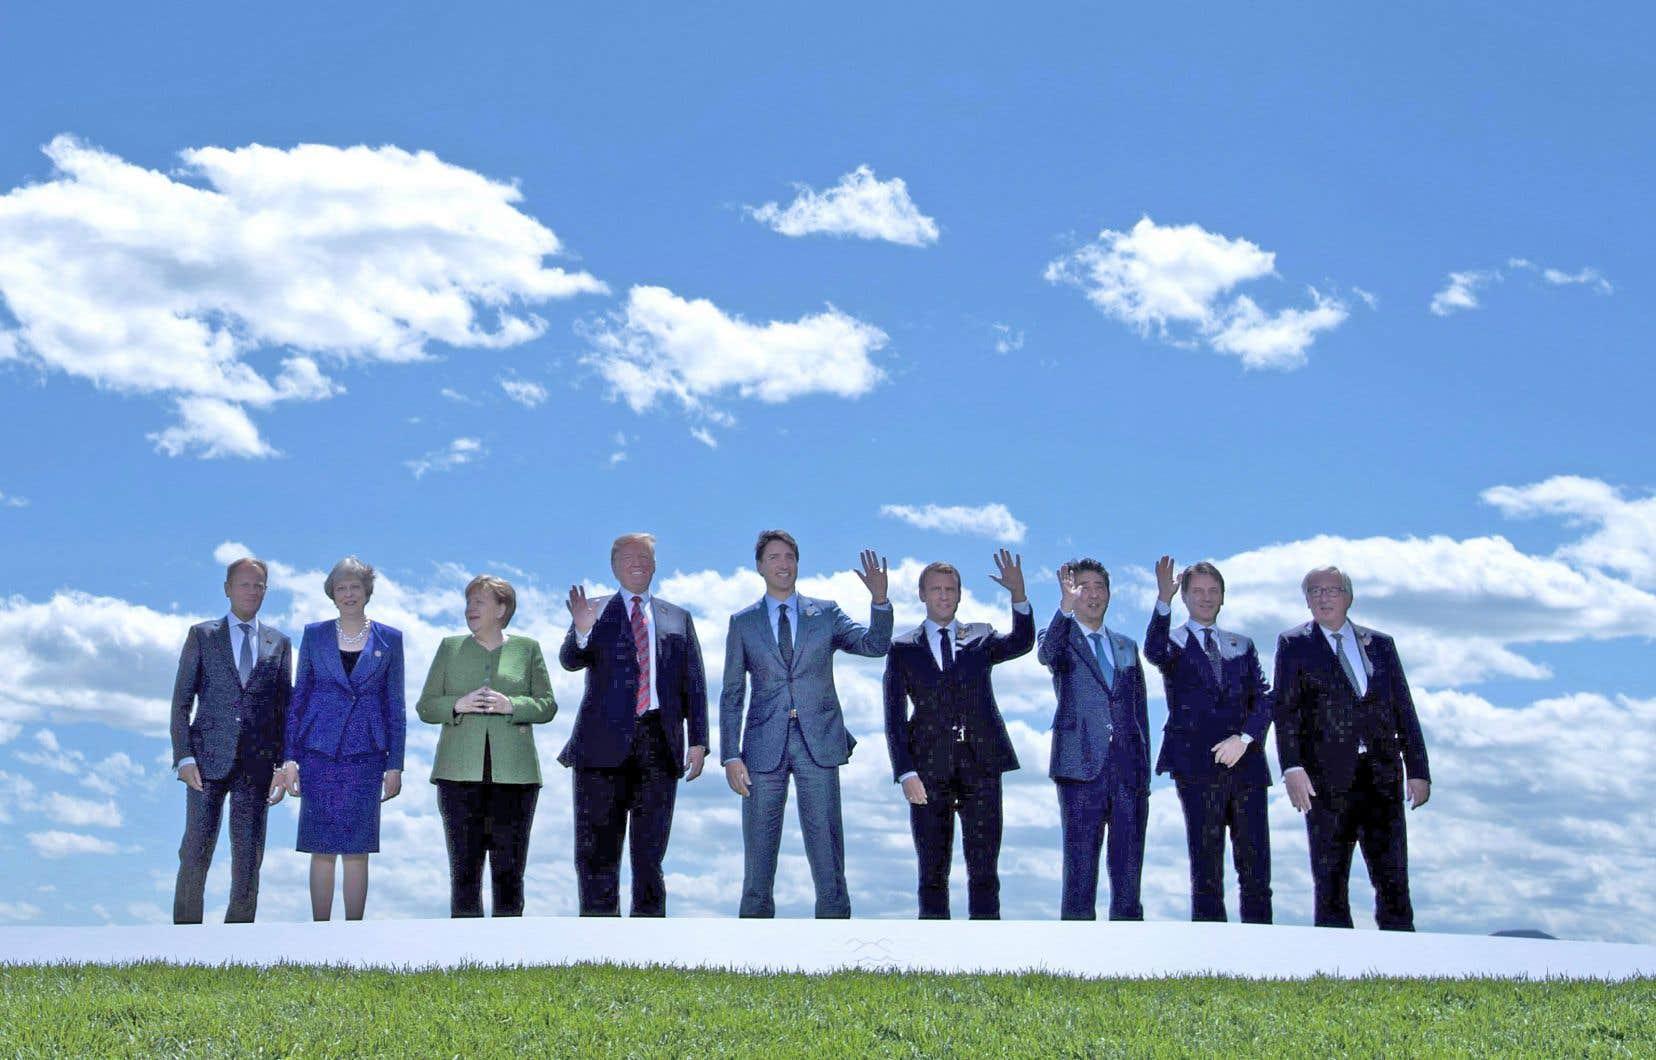 Justin Trudeau avec ses invités pour une photo de famille au premier jour de la réunion du G7 à La Malbaie